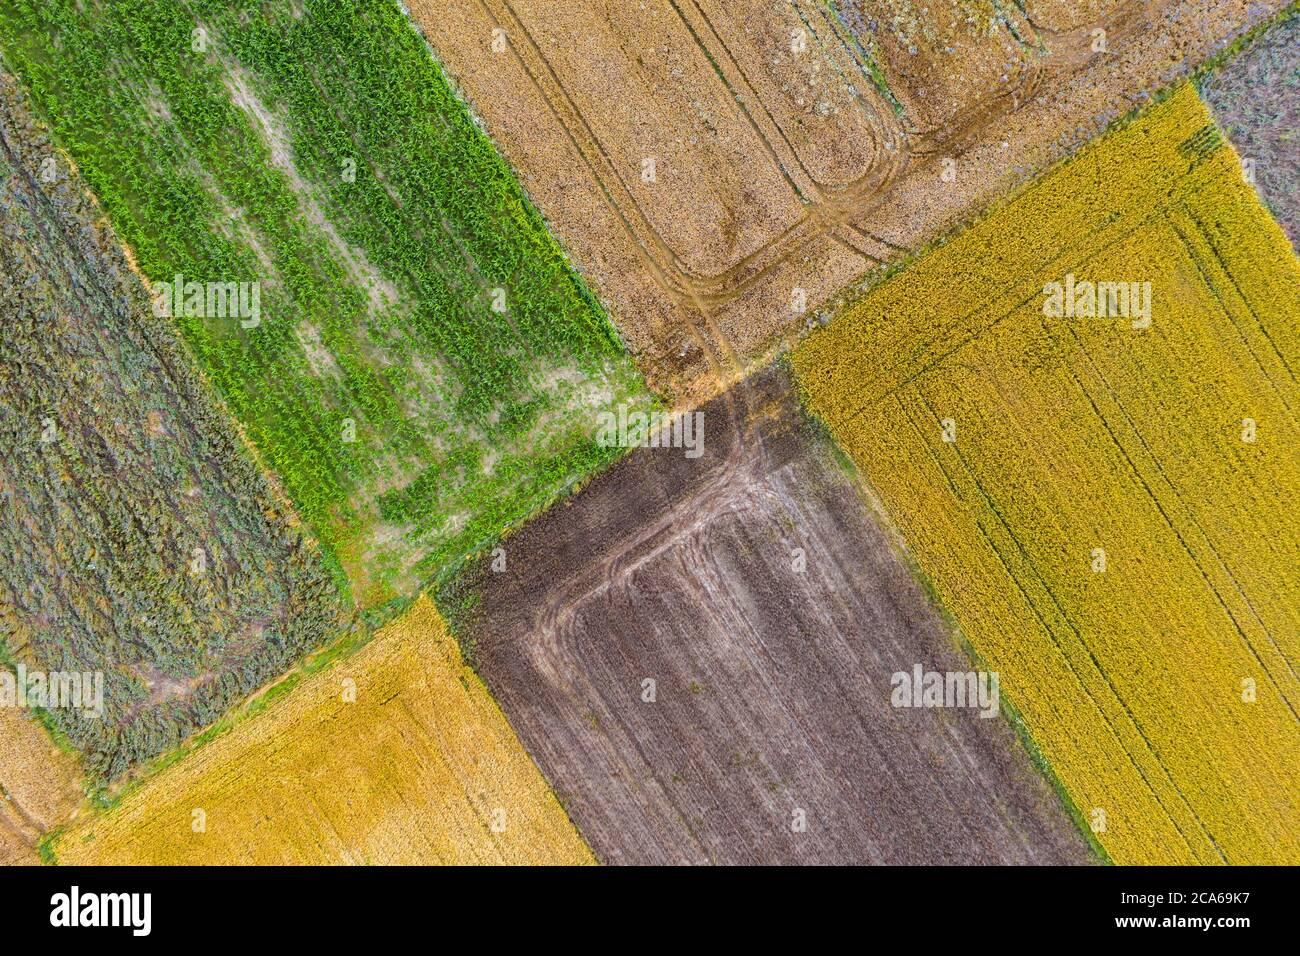 Vue aérienne par drone des champs de culture avec le maïs, le canola, le blé et le seigle Banque D'Images